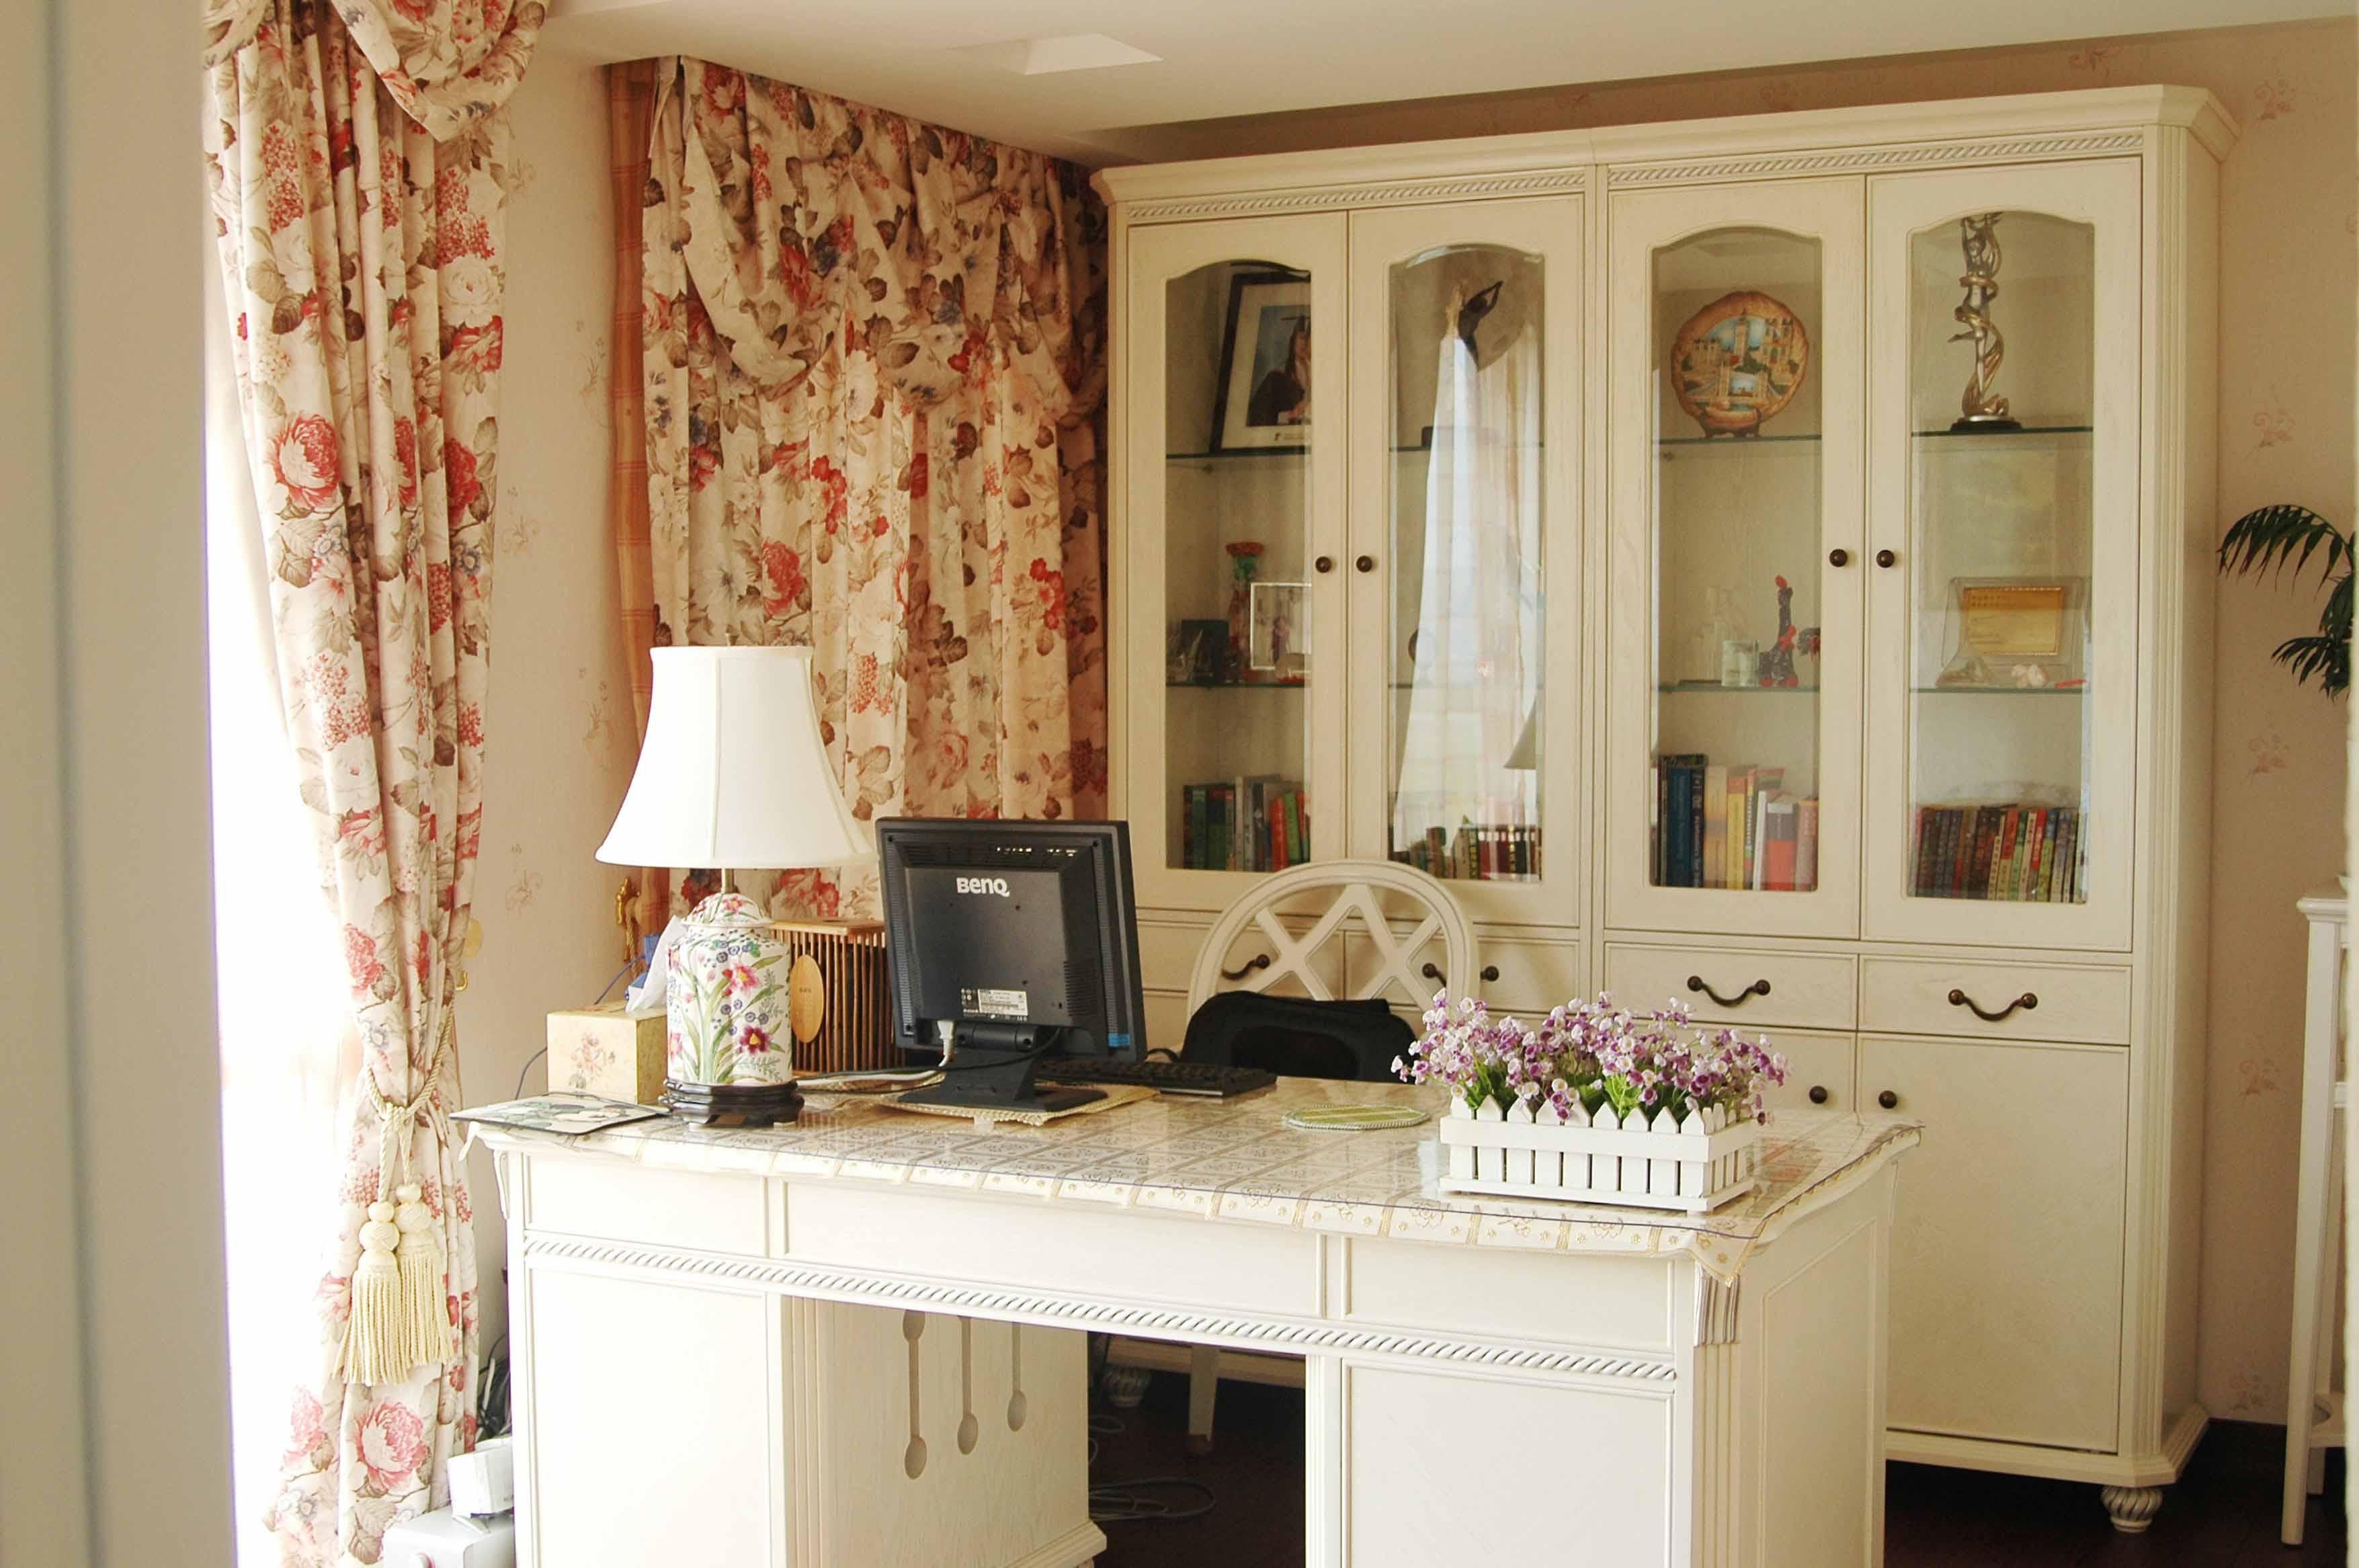 浅色搭配书房让空间更为敞亮,碎花窗帘多了点自然气息。